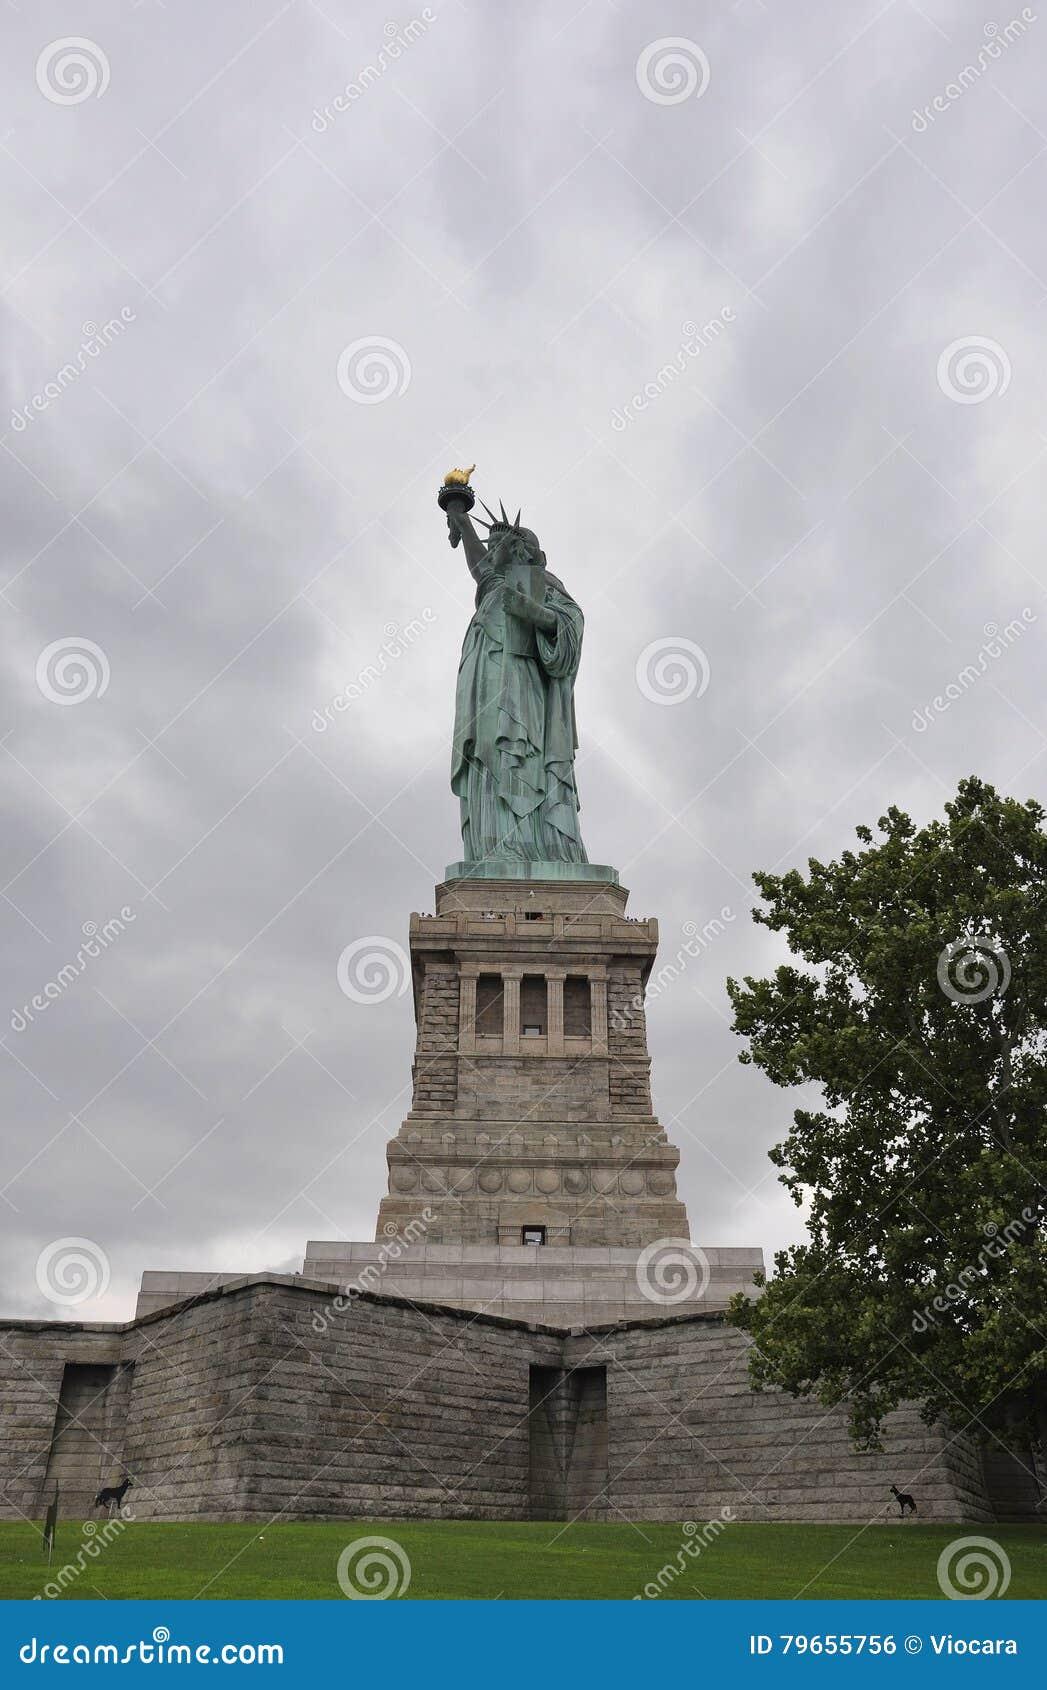 New York City, o 2 de agosto: Estátua da liberdade em um céu dramático em New York City